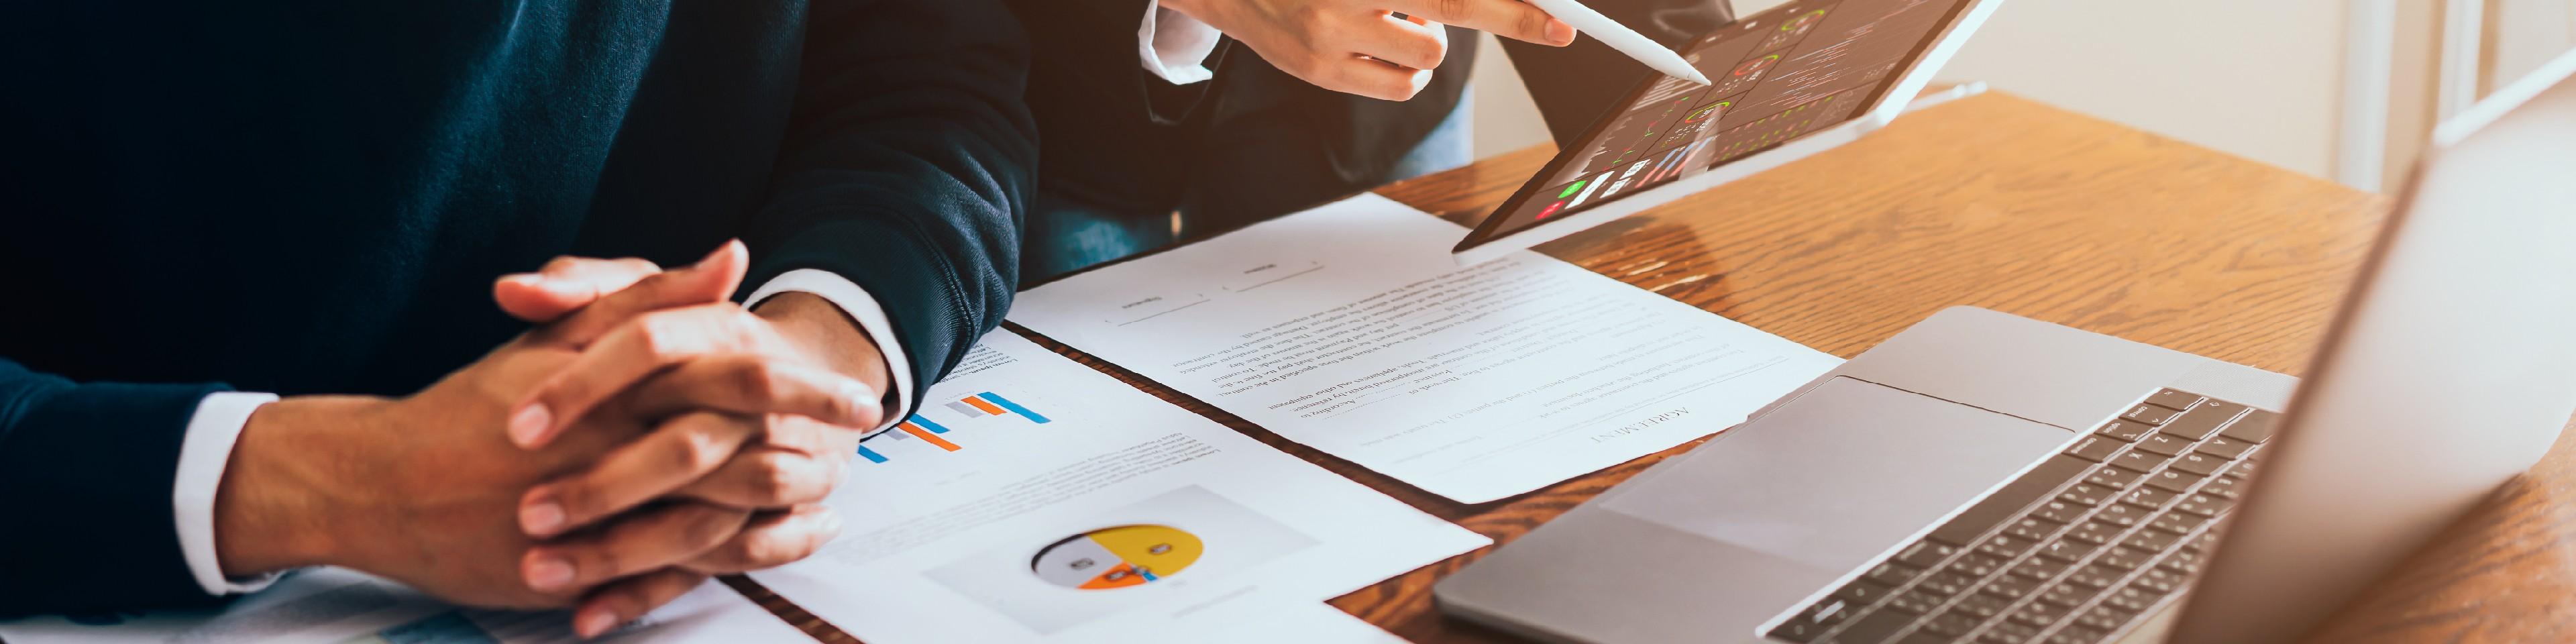 Digitalizzazione e collaborazione: le parole chiave per la società di consulenza Fantetti & Partners